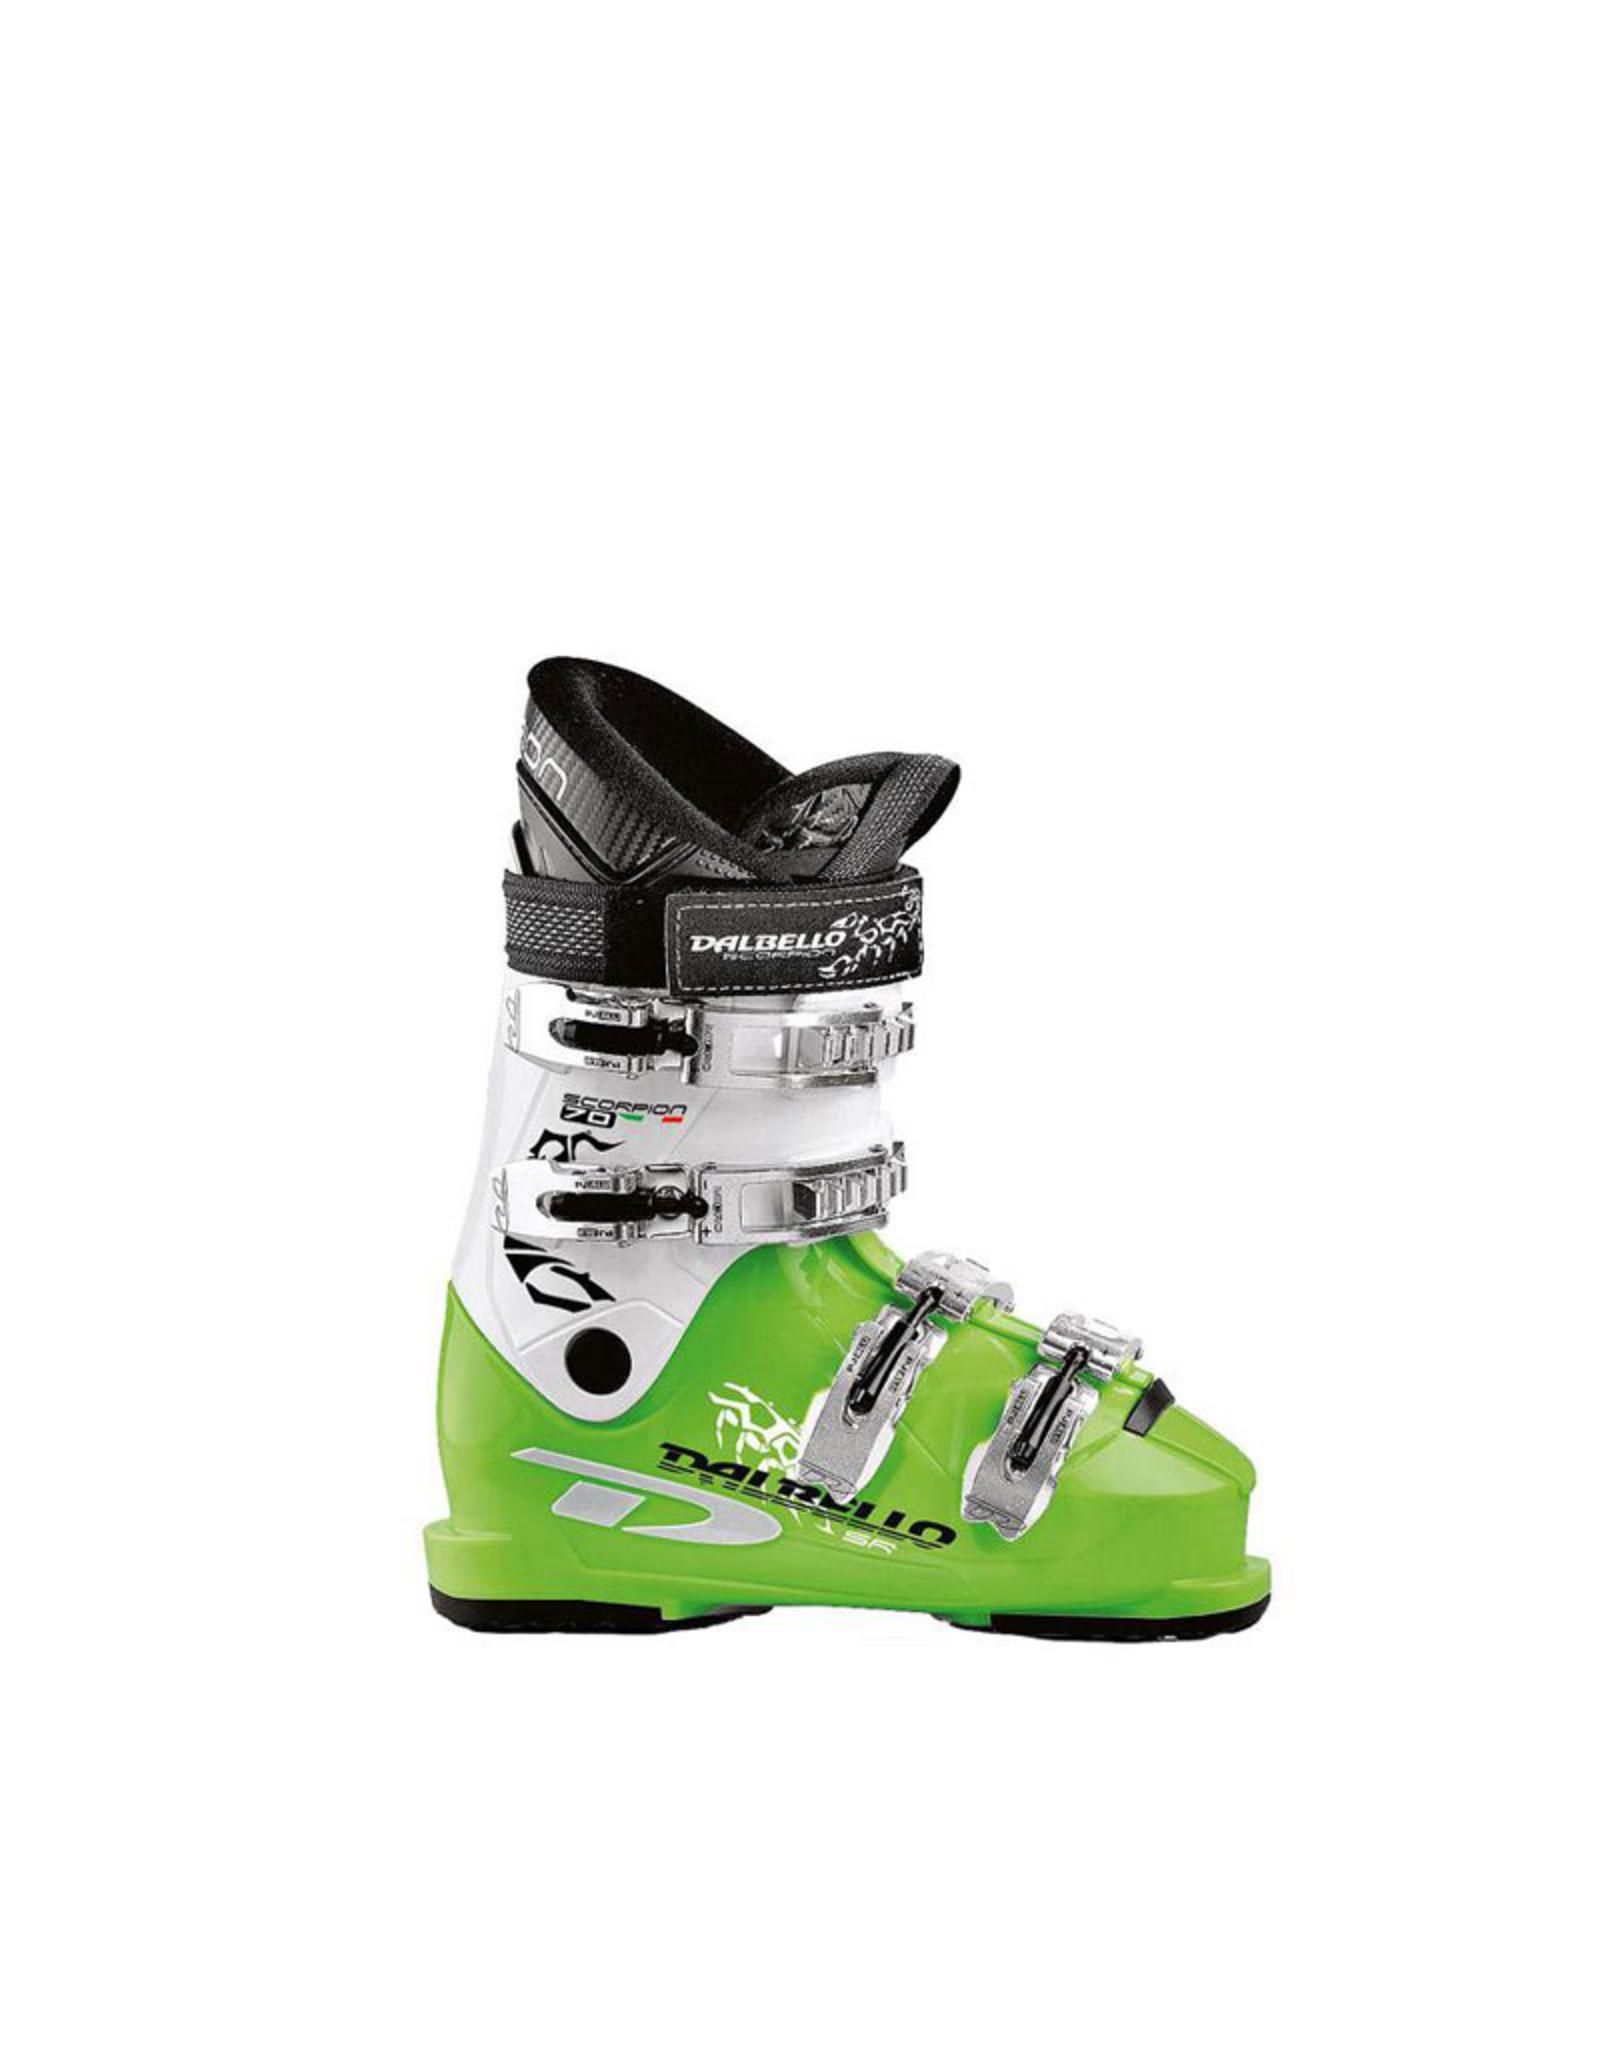 DALBELLO Skischoenen DALBELLO Scorpion 70 wit/groen Gebruikt mt 38